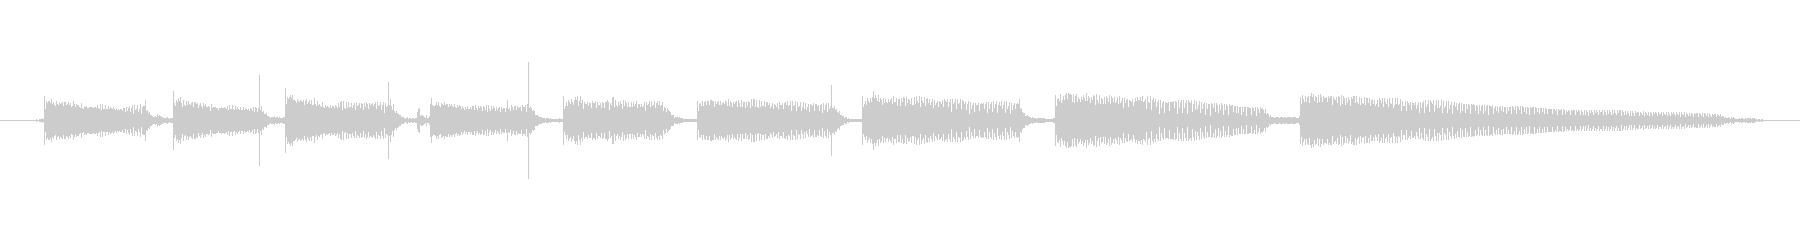 生音エレキギター4弦チューニング1の未再生の波形